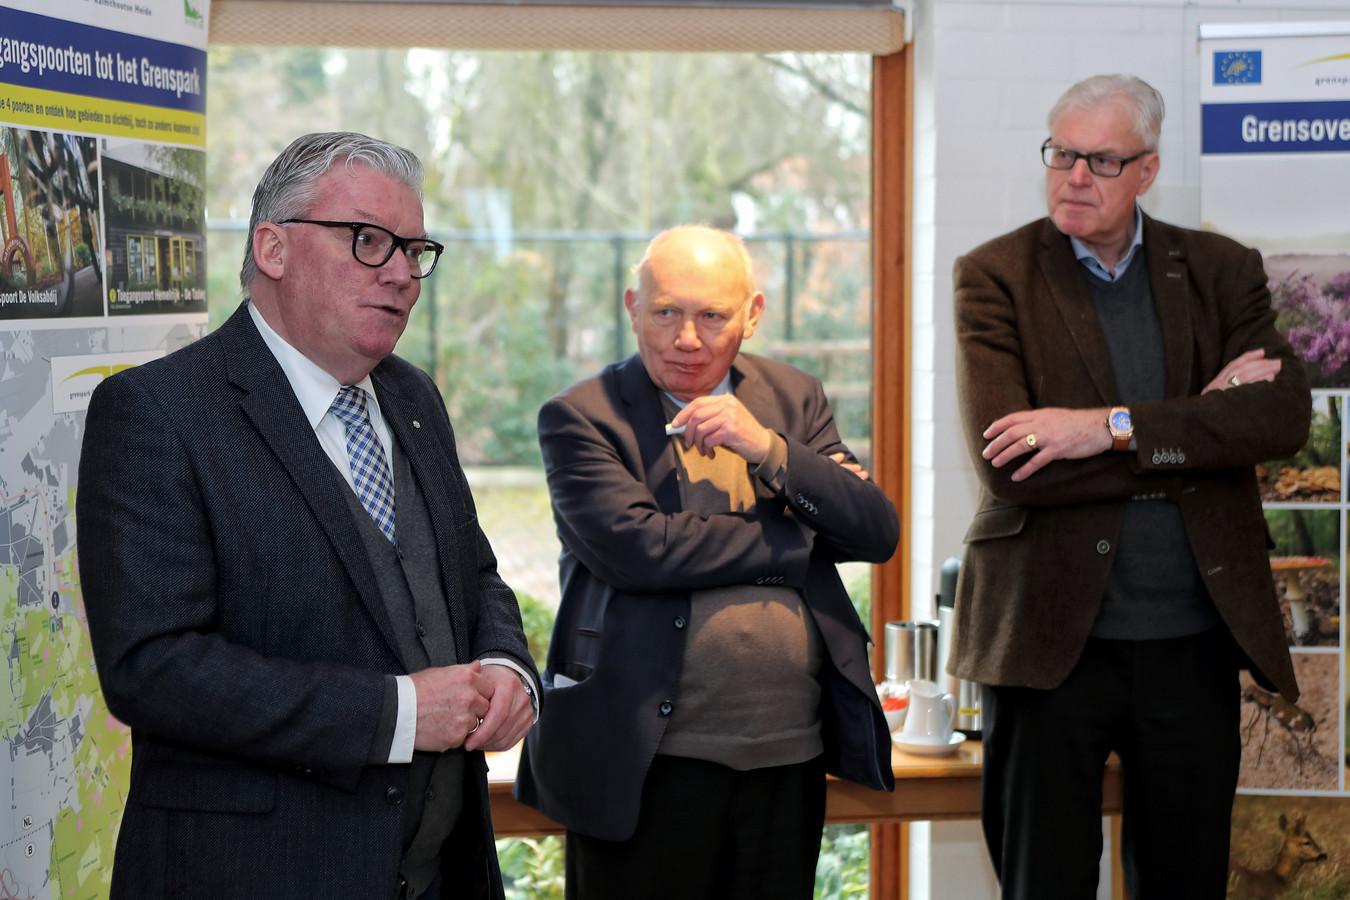 Martin Groffen (links), nu nog wethouder van financiën in de gemeente Woensdrecht, wordt de nieuwe voorzitter van het Grenspark De Zoom-Kalmthoutse Heide. Naast hem twee van zijn voorgangers: Herman Suykerbuyk en Cees van Liere.